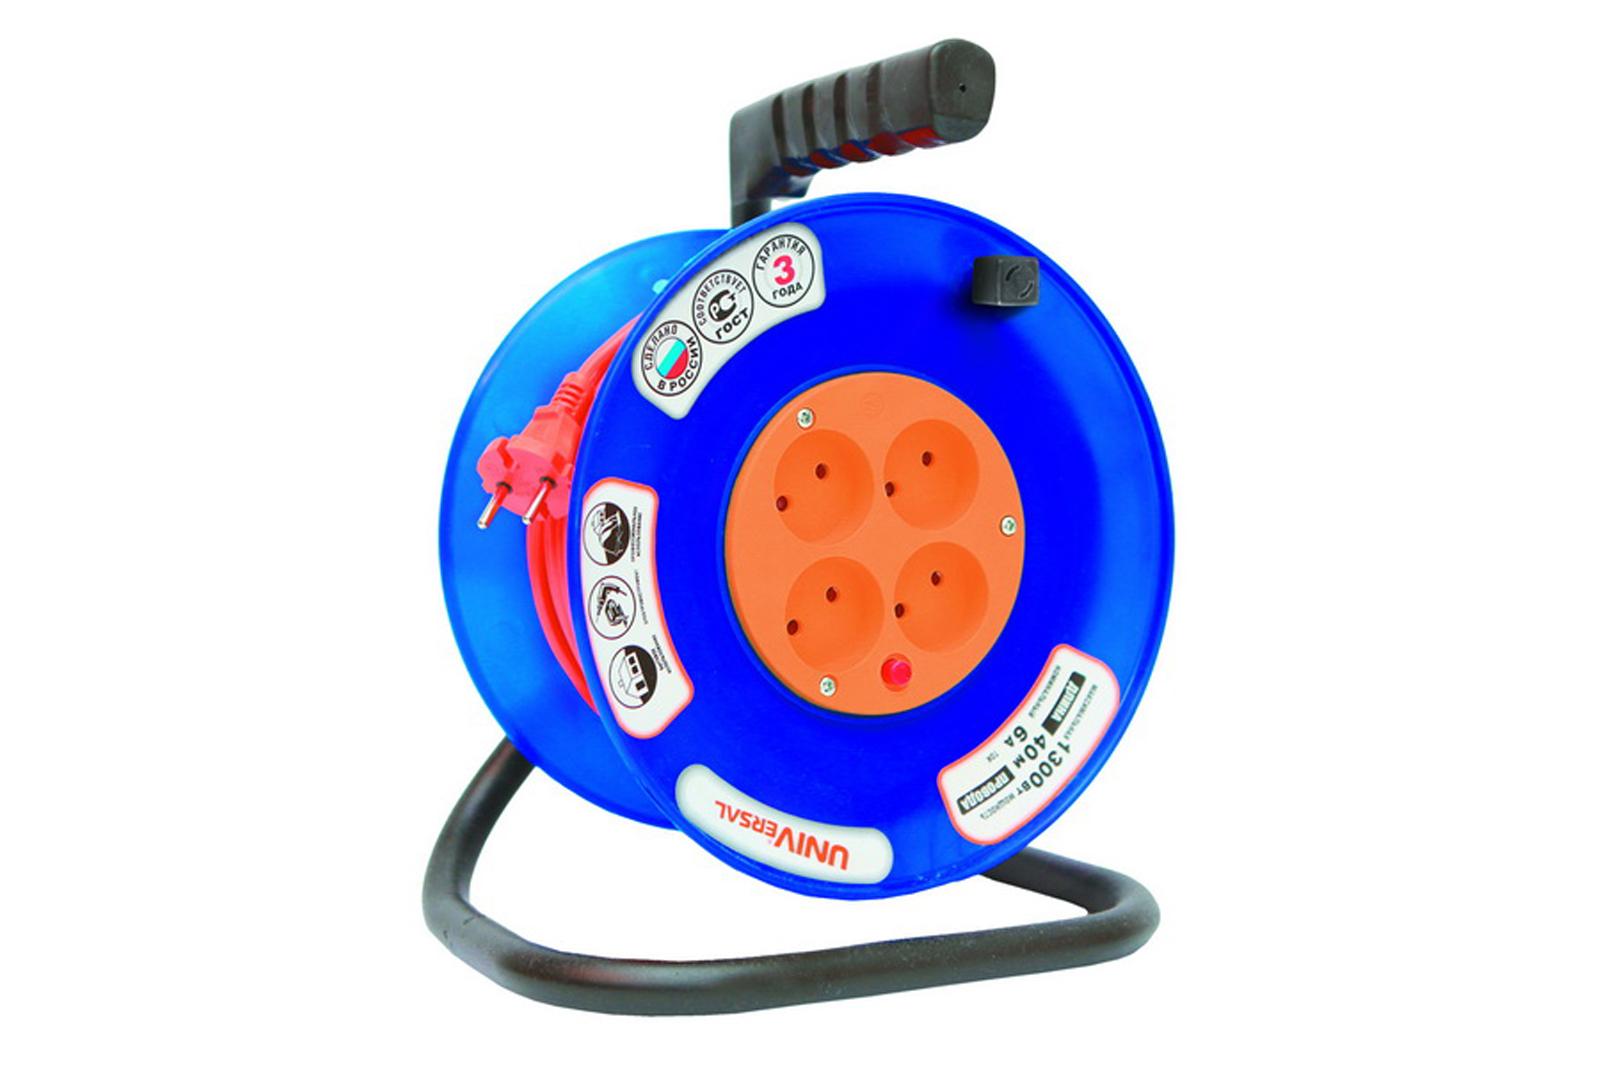 Удлинитель Universal ВЕМ-250 термо ПВС 2*1 4гнезда 40м силовой удлинитель universal вем 250 термо пвс 2 1 30м 9632898